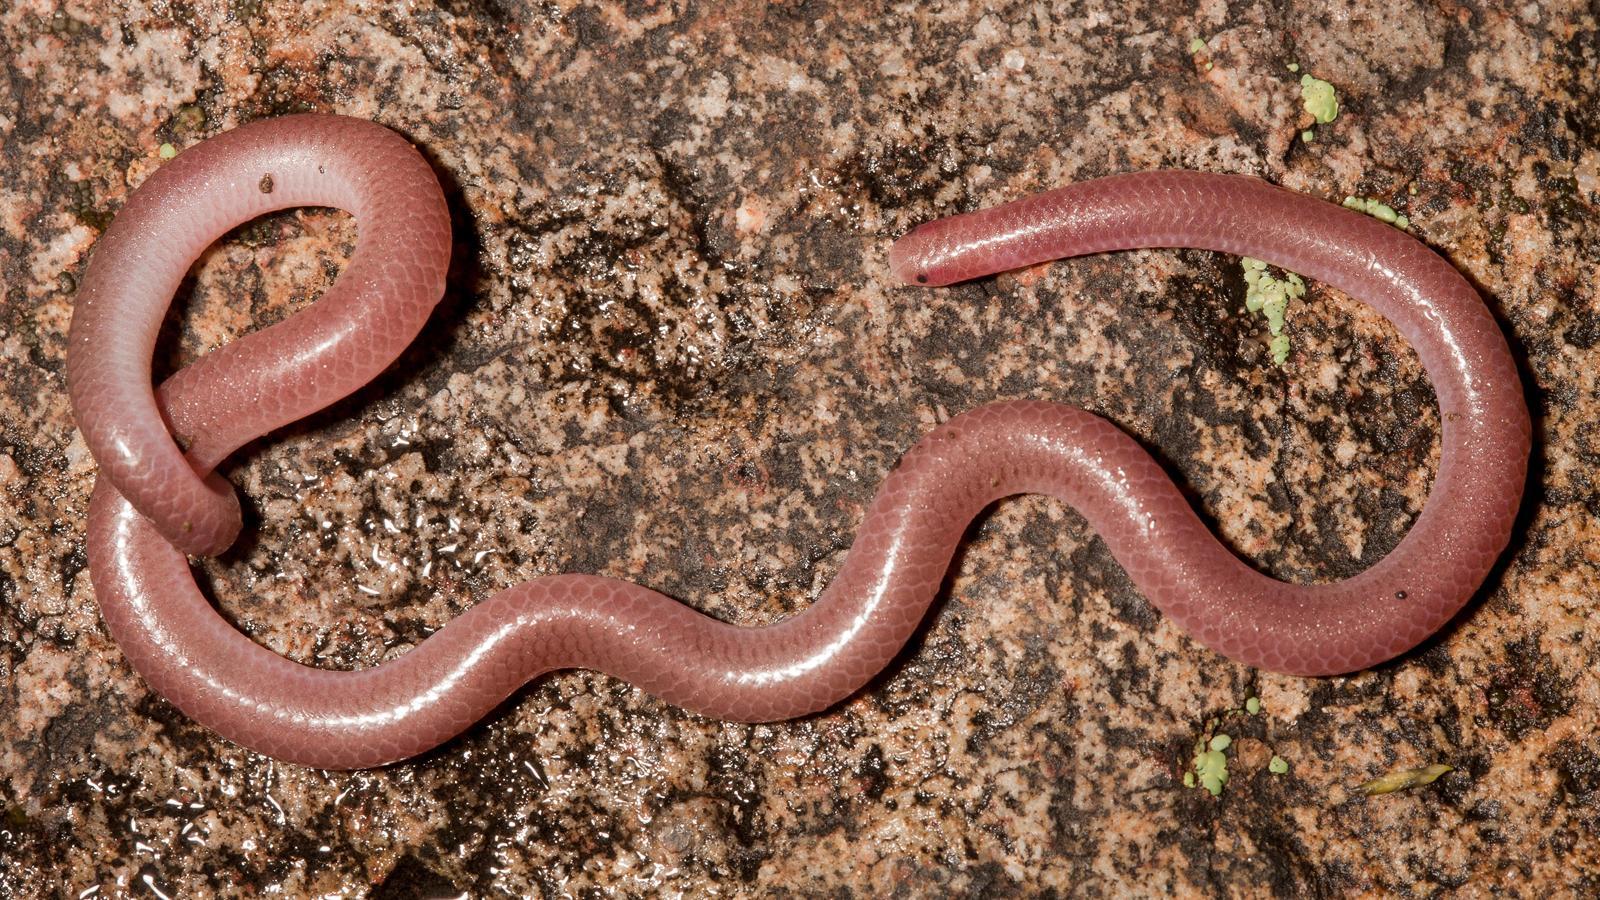 Texas Blind Snake